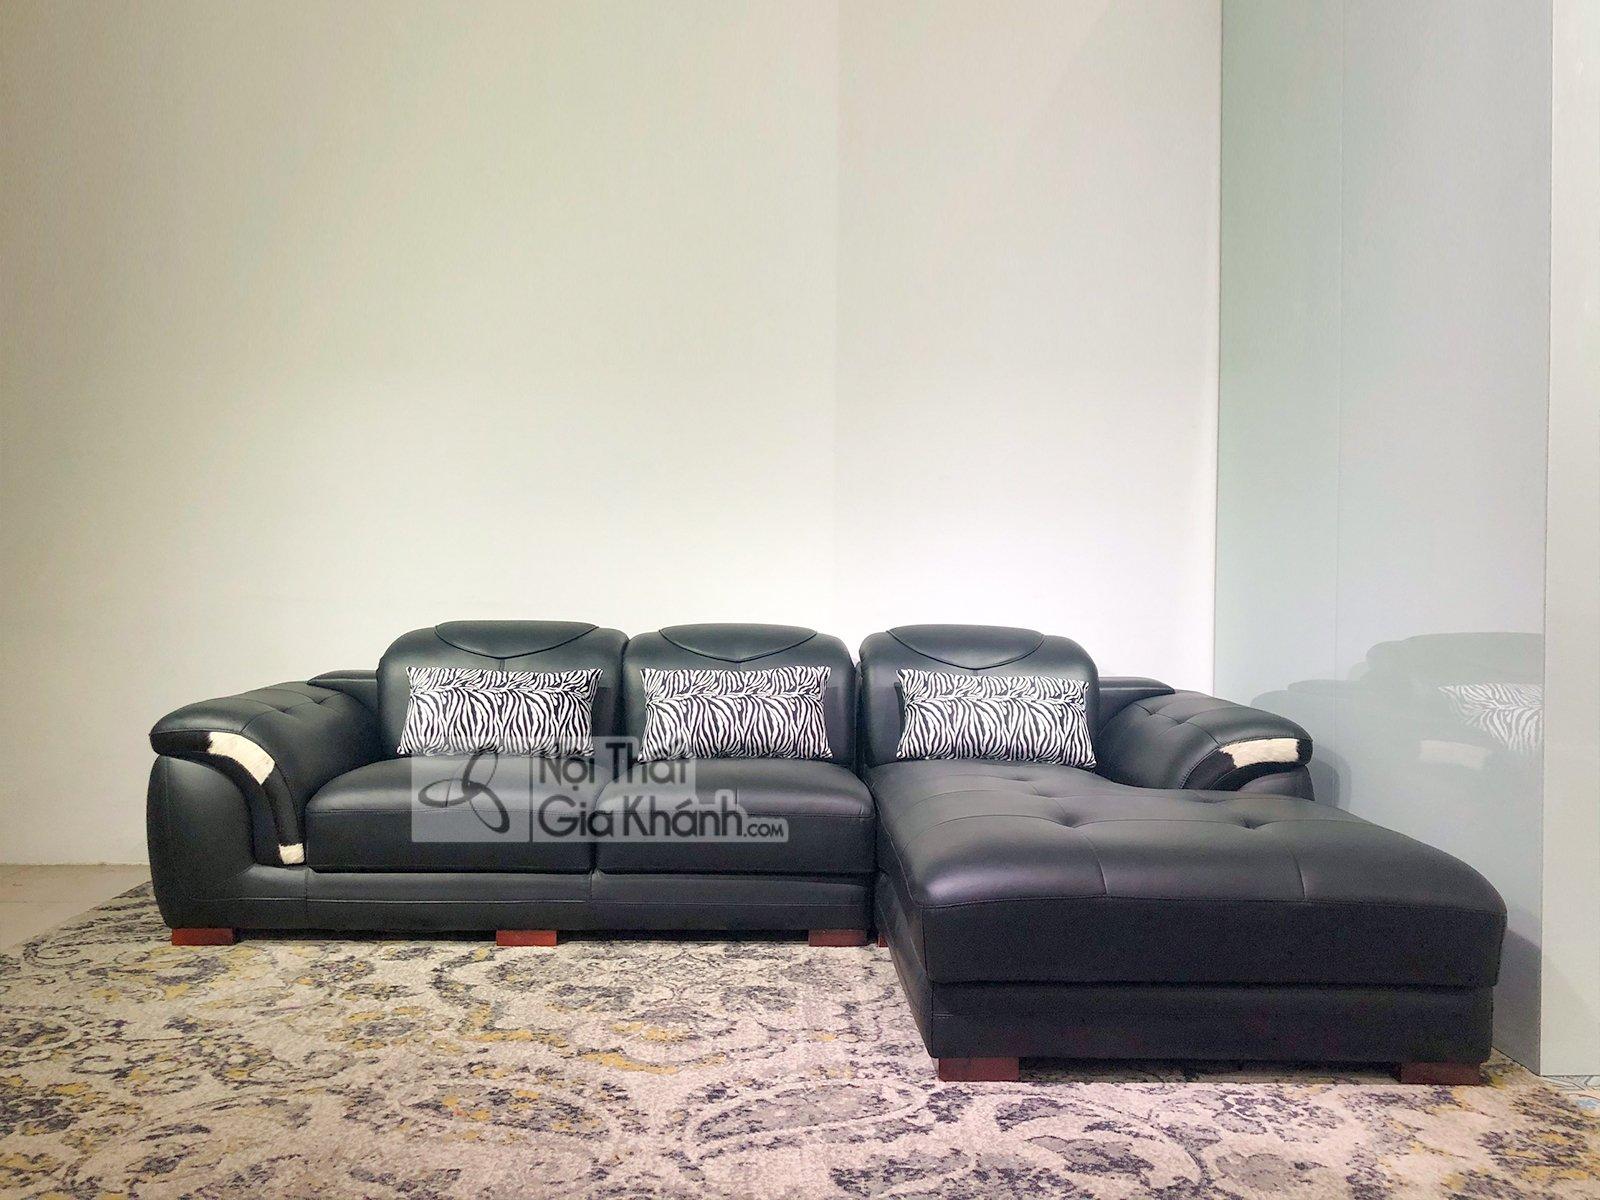 sofa da 2 bang goc trai mau den cho phong khach 9193d sf 5 - Sofa da phòng khách 2 băng góc trái ST0919-2-C1